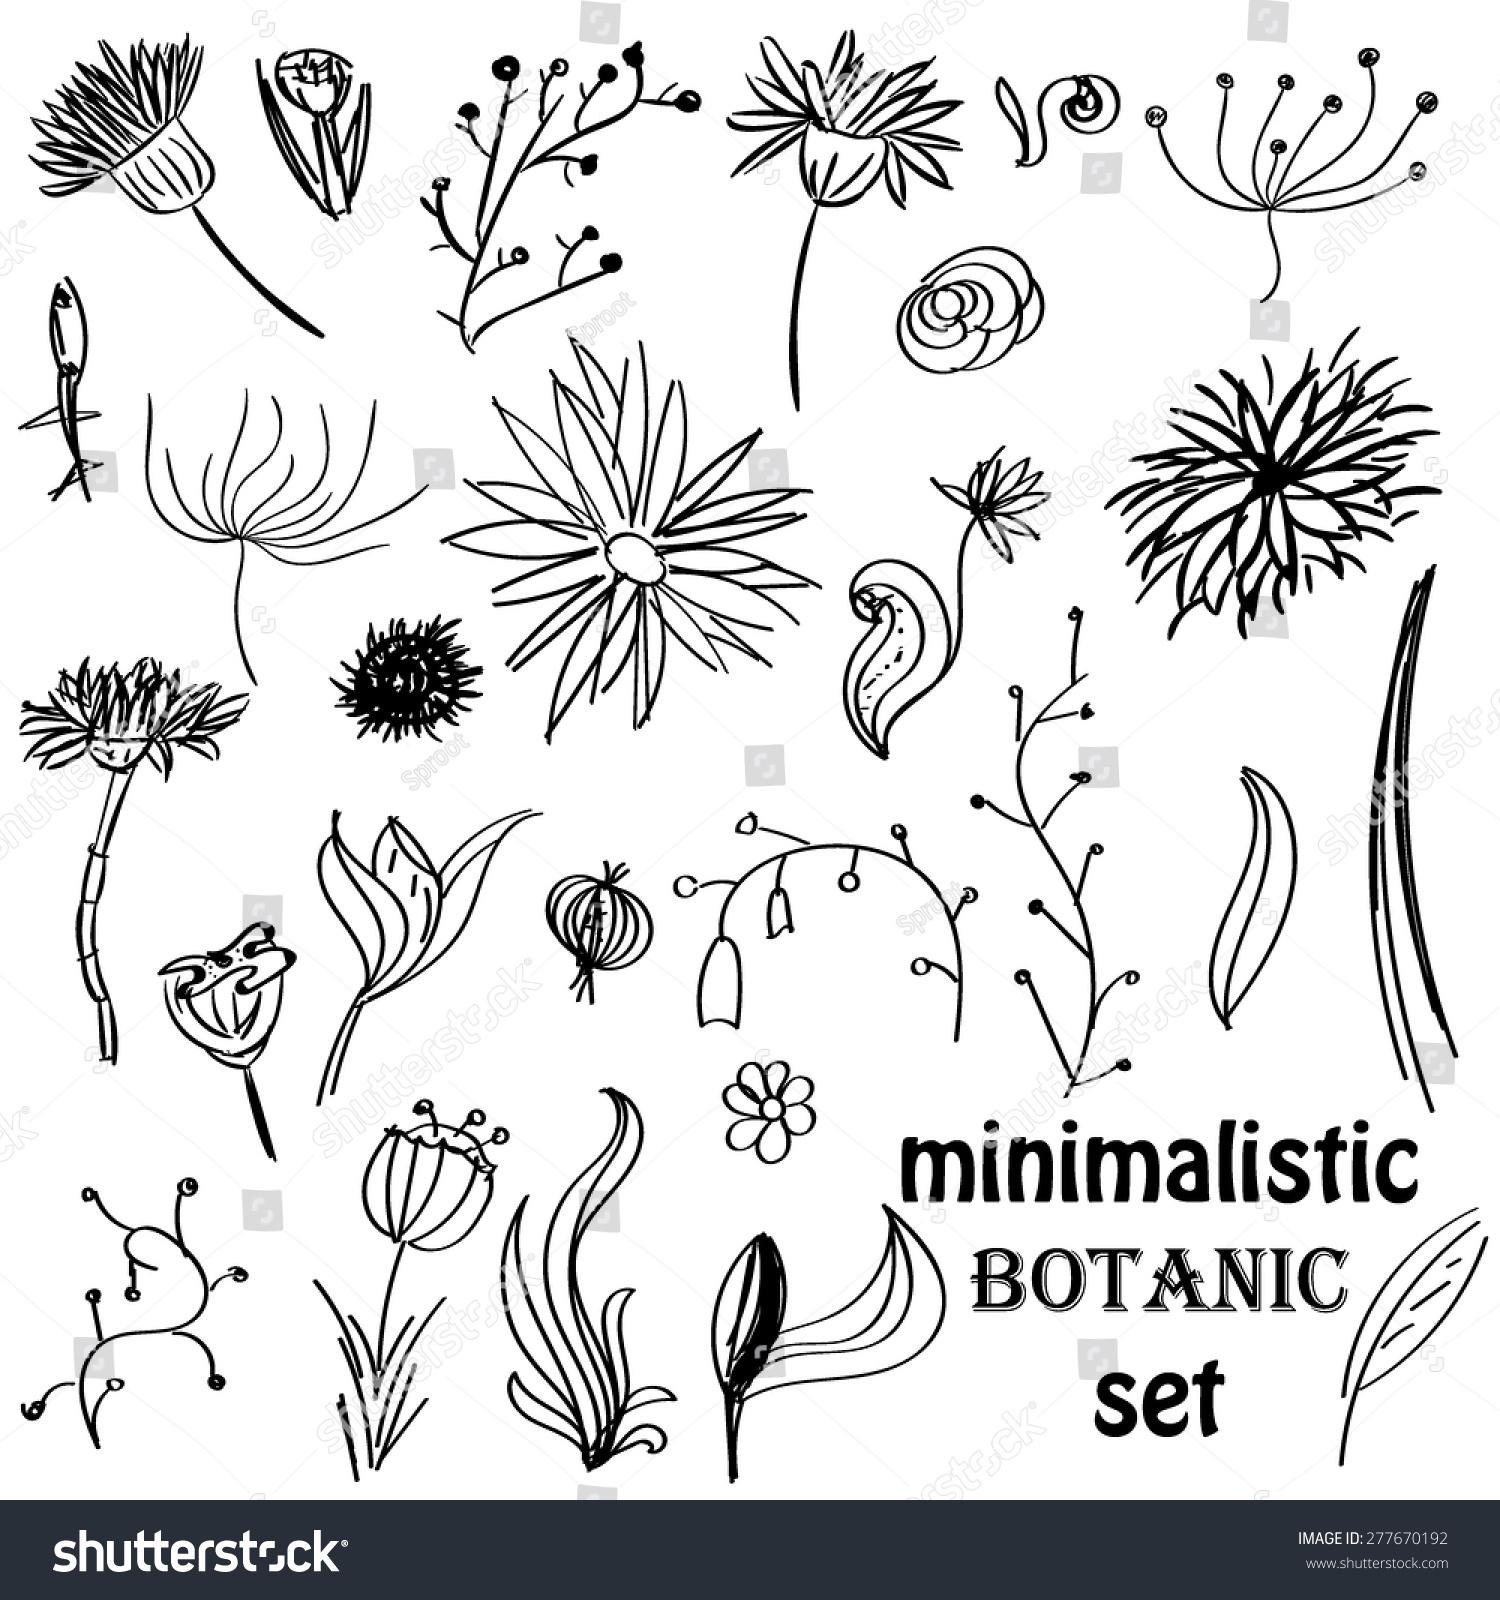 简约的手绘花卉元素集-自然,复古风格-海洛创意()-合.